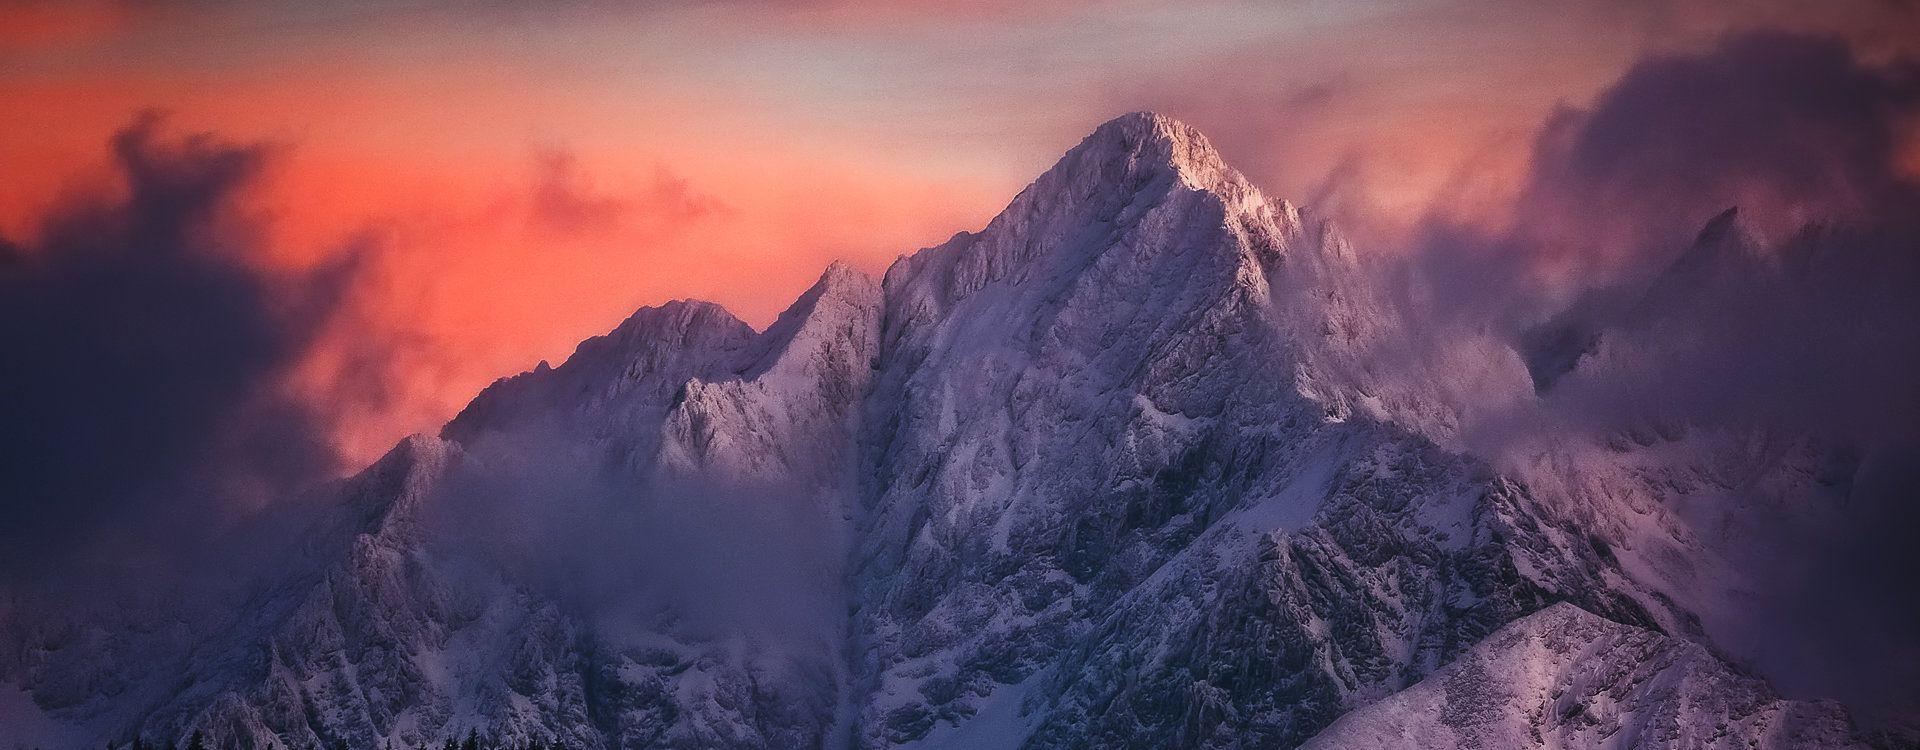 Warto zostać po zachodzie słońca, mamy szanse ujrzeć takie kolory na niebie.